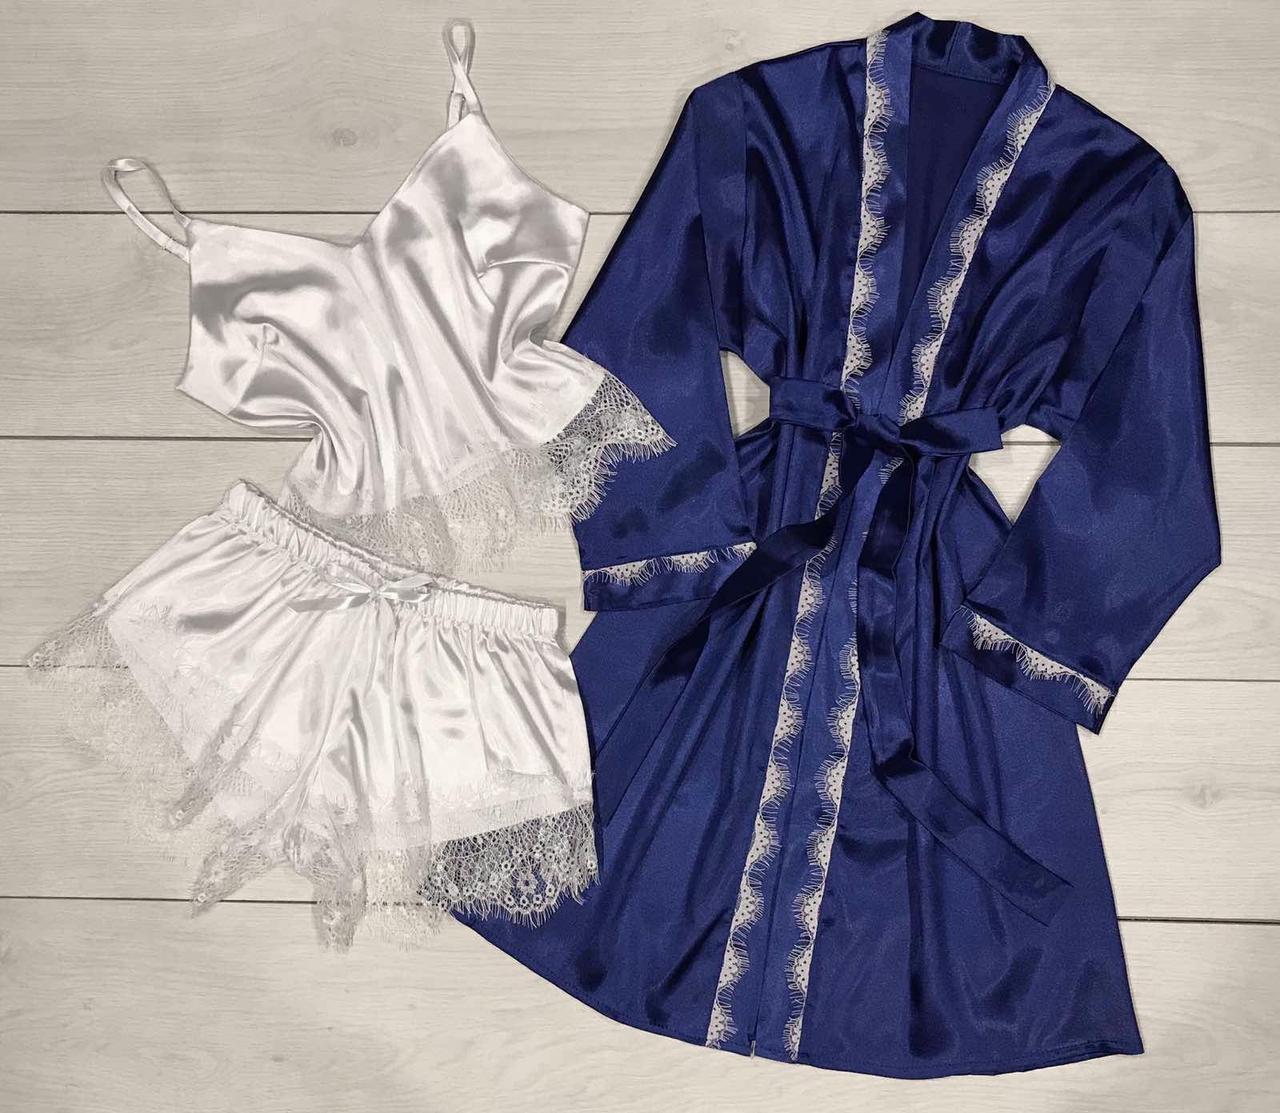 Синій шовковий халат і біла піжама з мереживом.